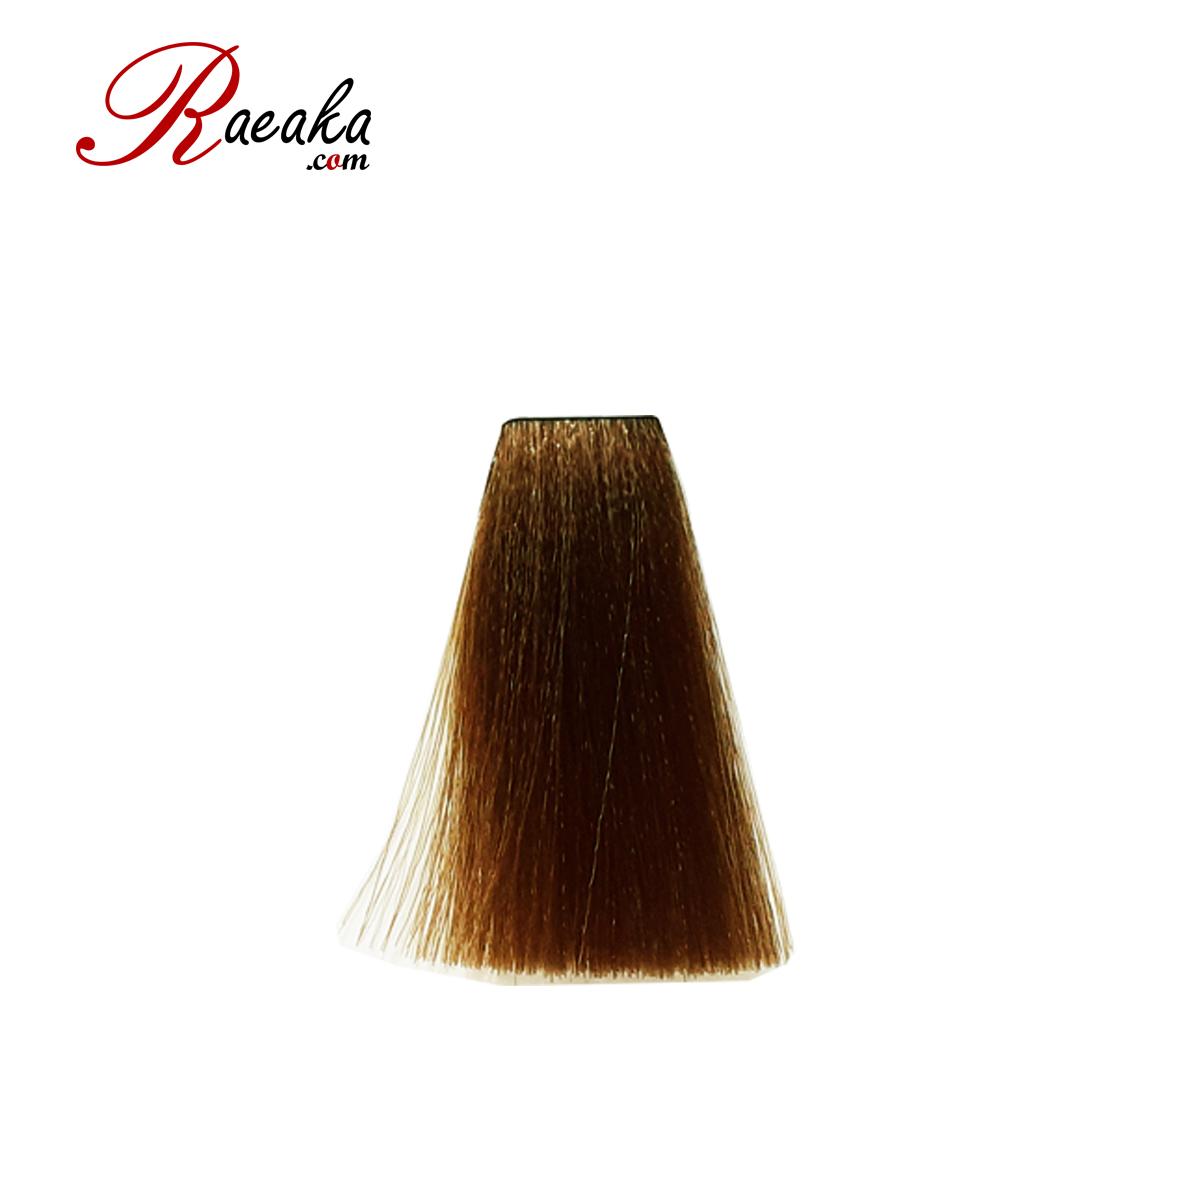 رنگ مو دوماسی سری شاه بلوطی بلوند شاه بلوطی متوسط ۷٫۷۶ حجم ۱۲۰ میلی لیتر